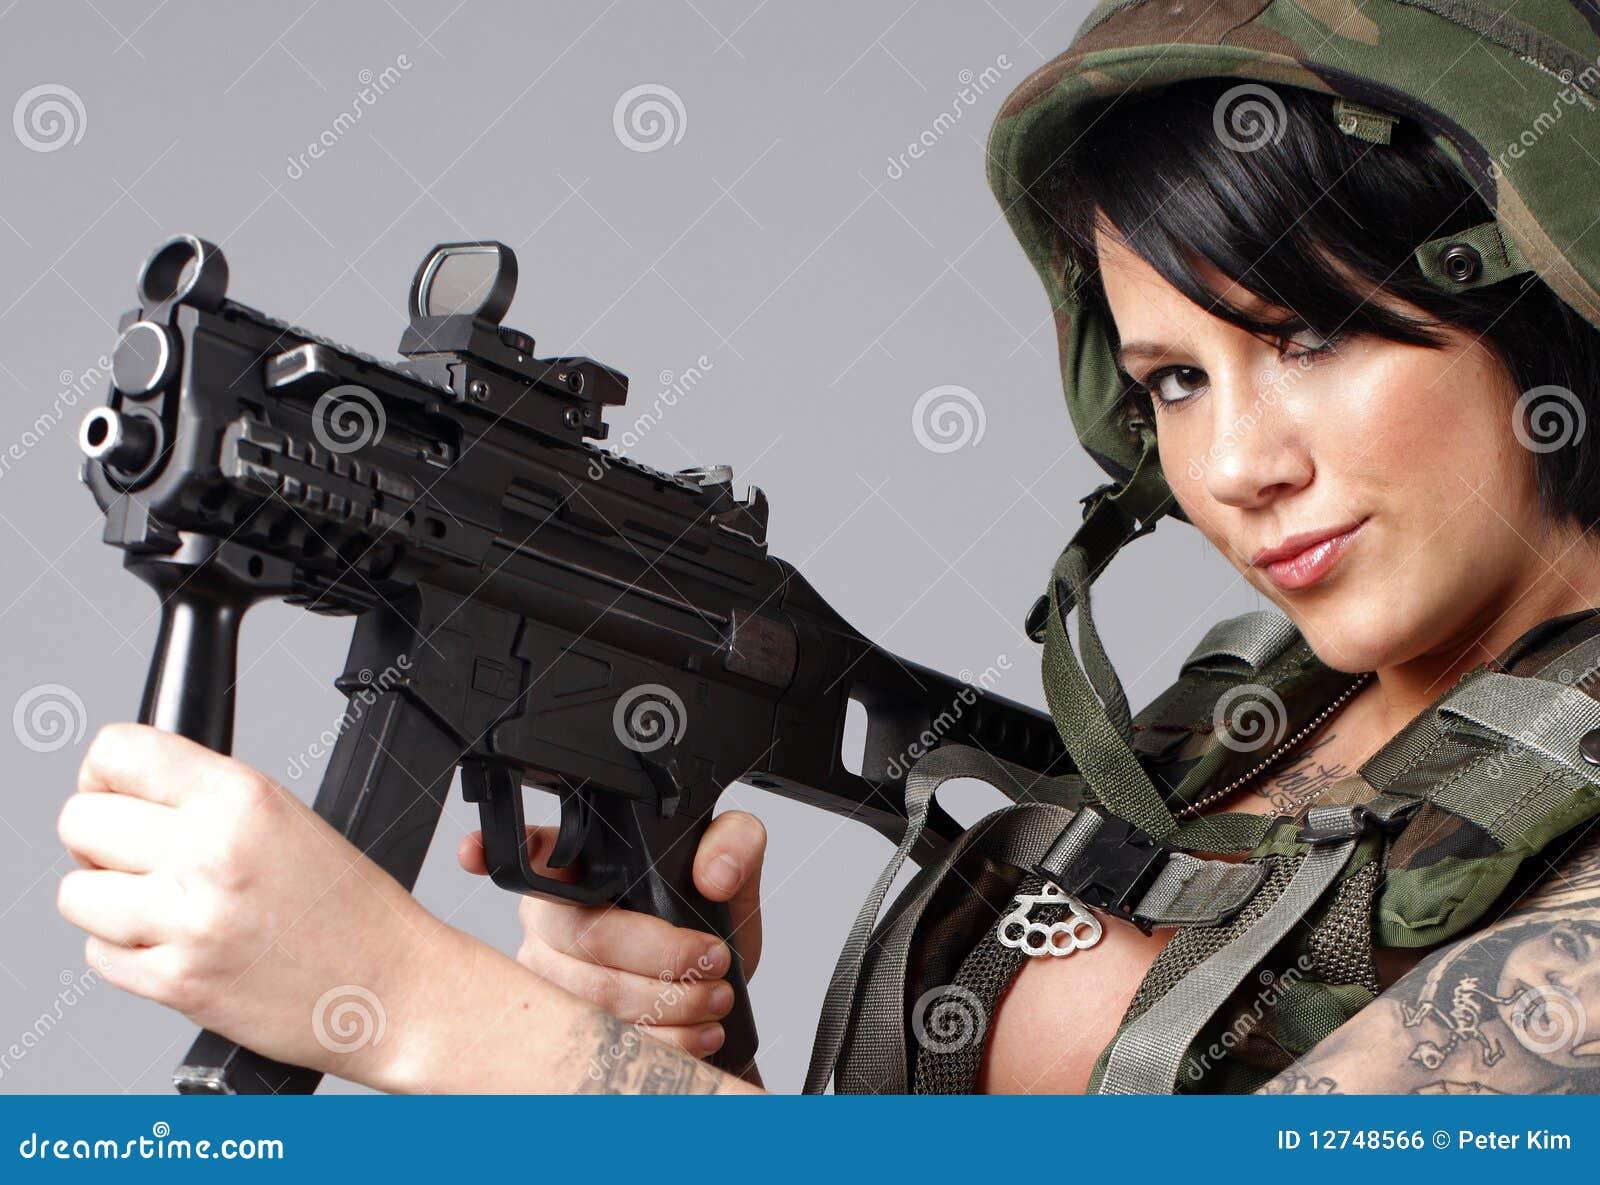 Sexy army wear